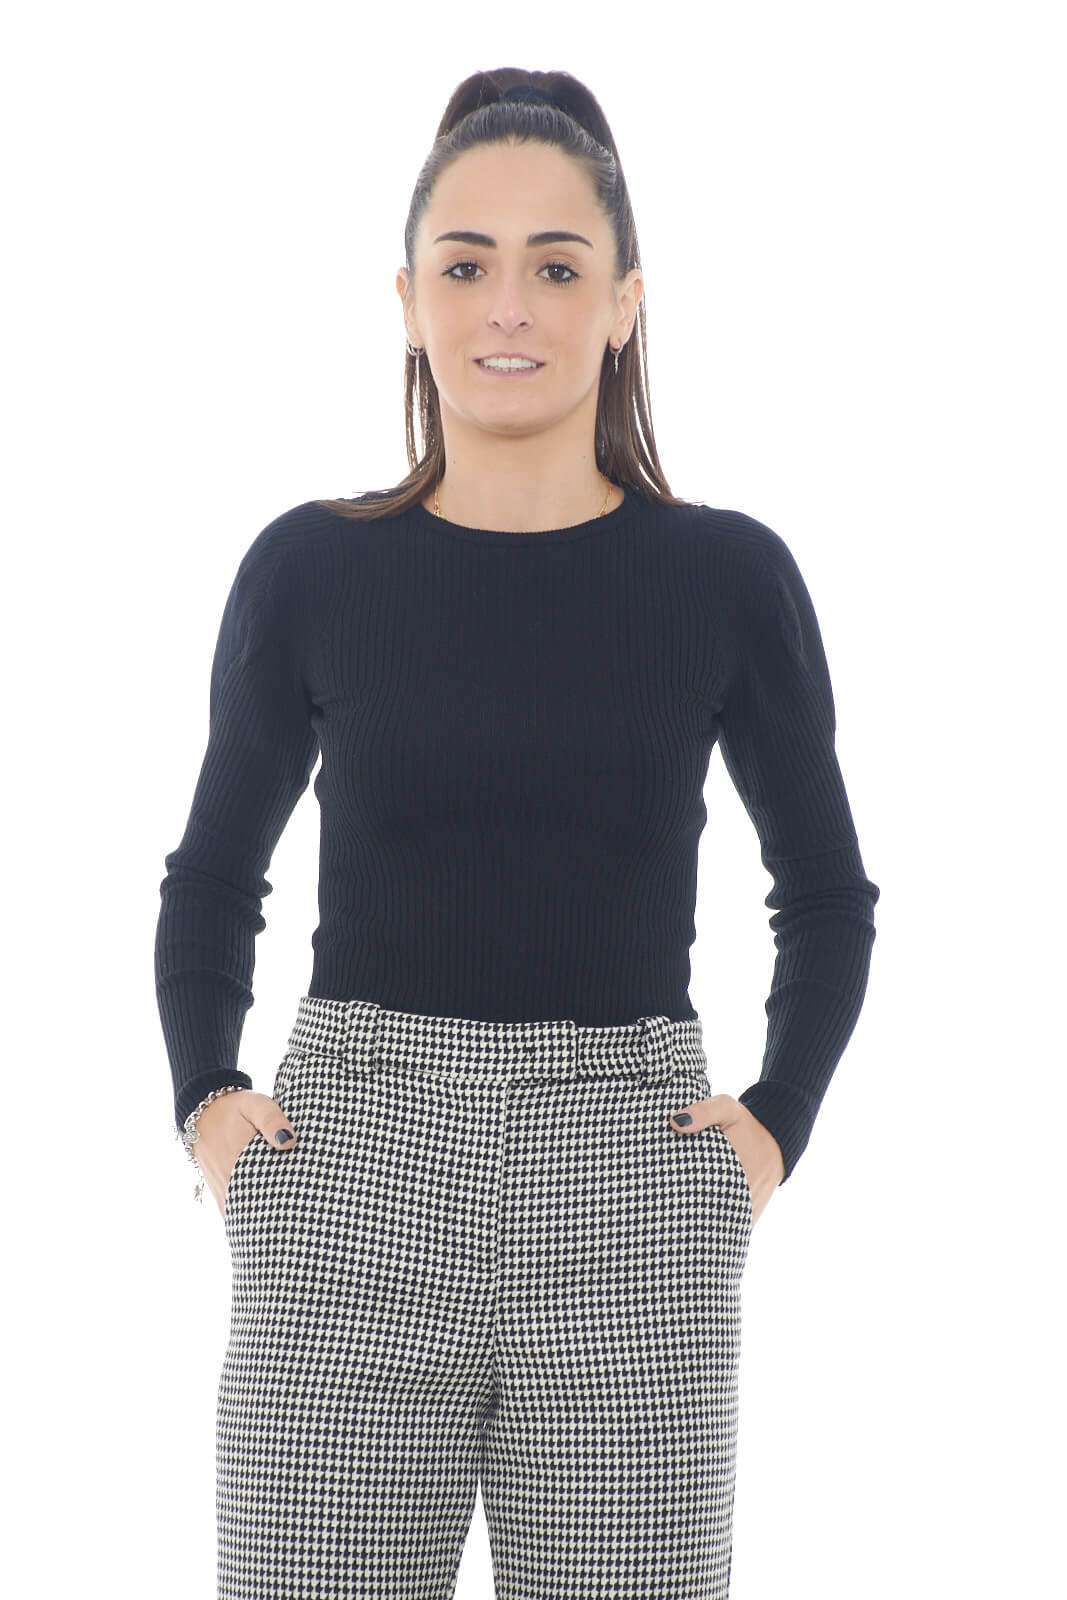 Semplice e versatile la maglia Costa D'Avorio proposta per la collezione autunno inverno Pinko. Da indossare con ogni look, è un capo facile da indossare sia solo che come sotto giacca. Il modello stretch ne definisce il look per poterlo indossare anche dentro un pantalone a vita alta.